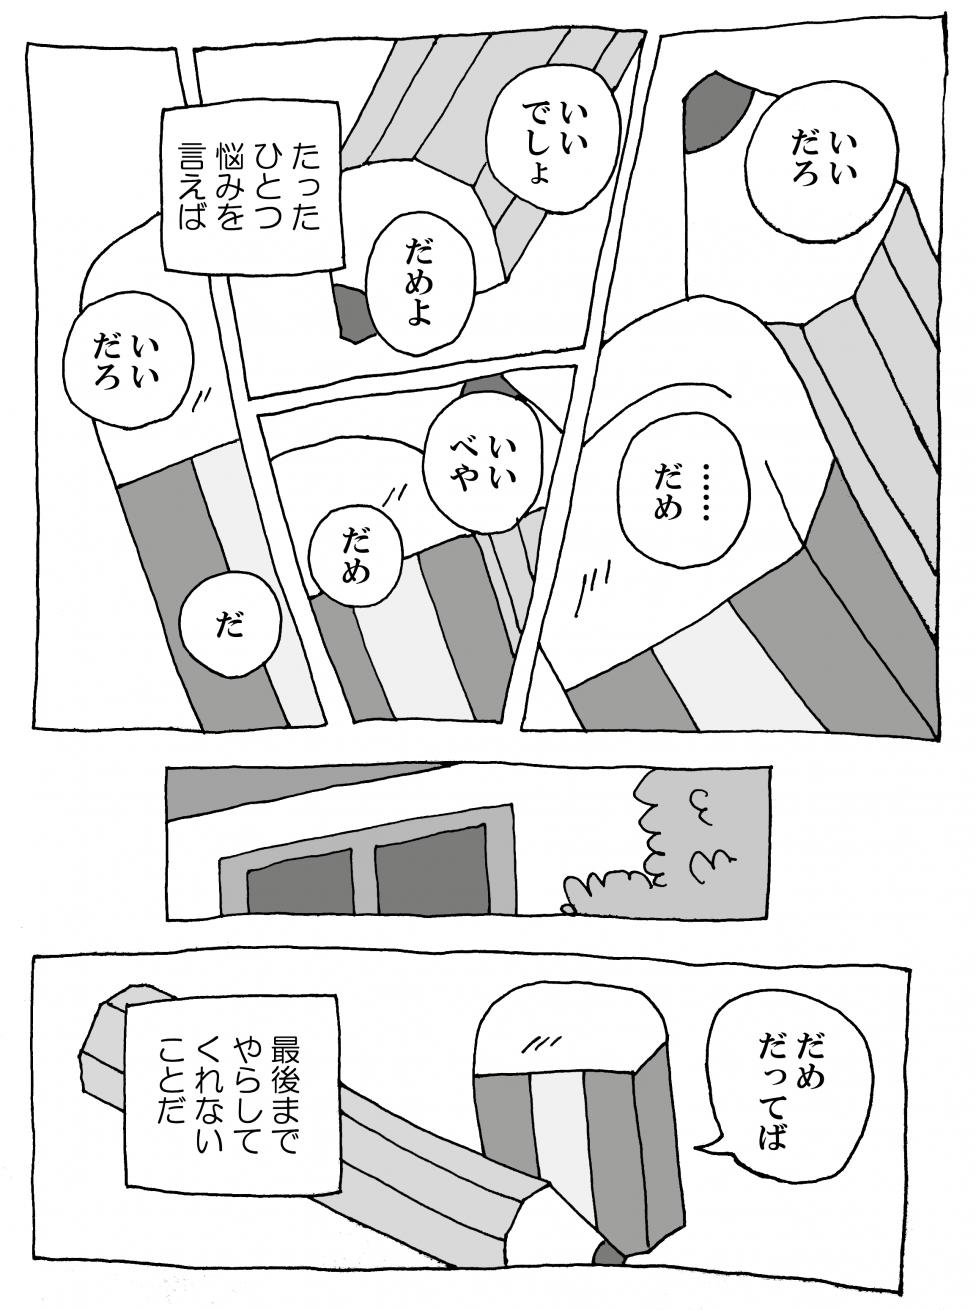 山本直樹マンガ